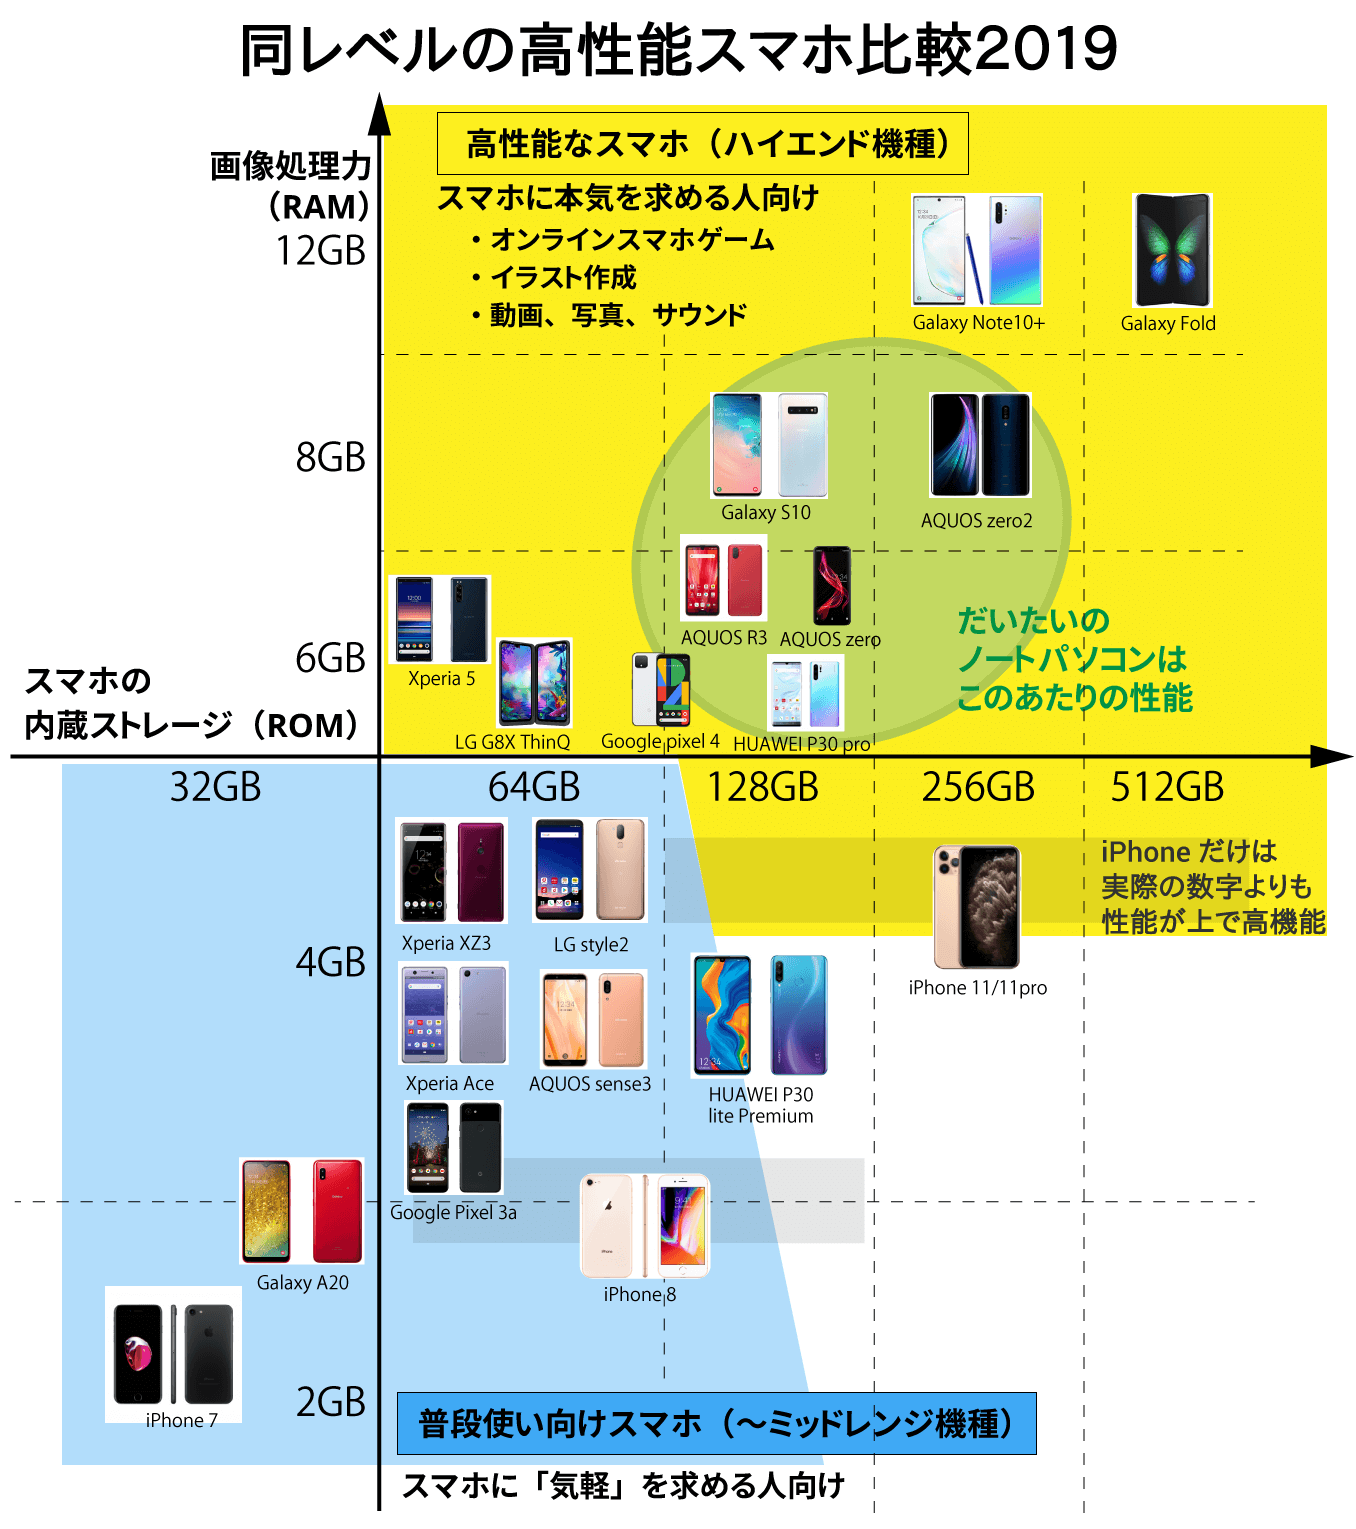 スマートフォン性能 一発比較2019